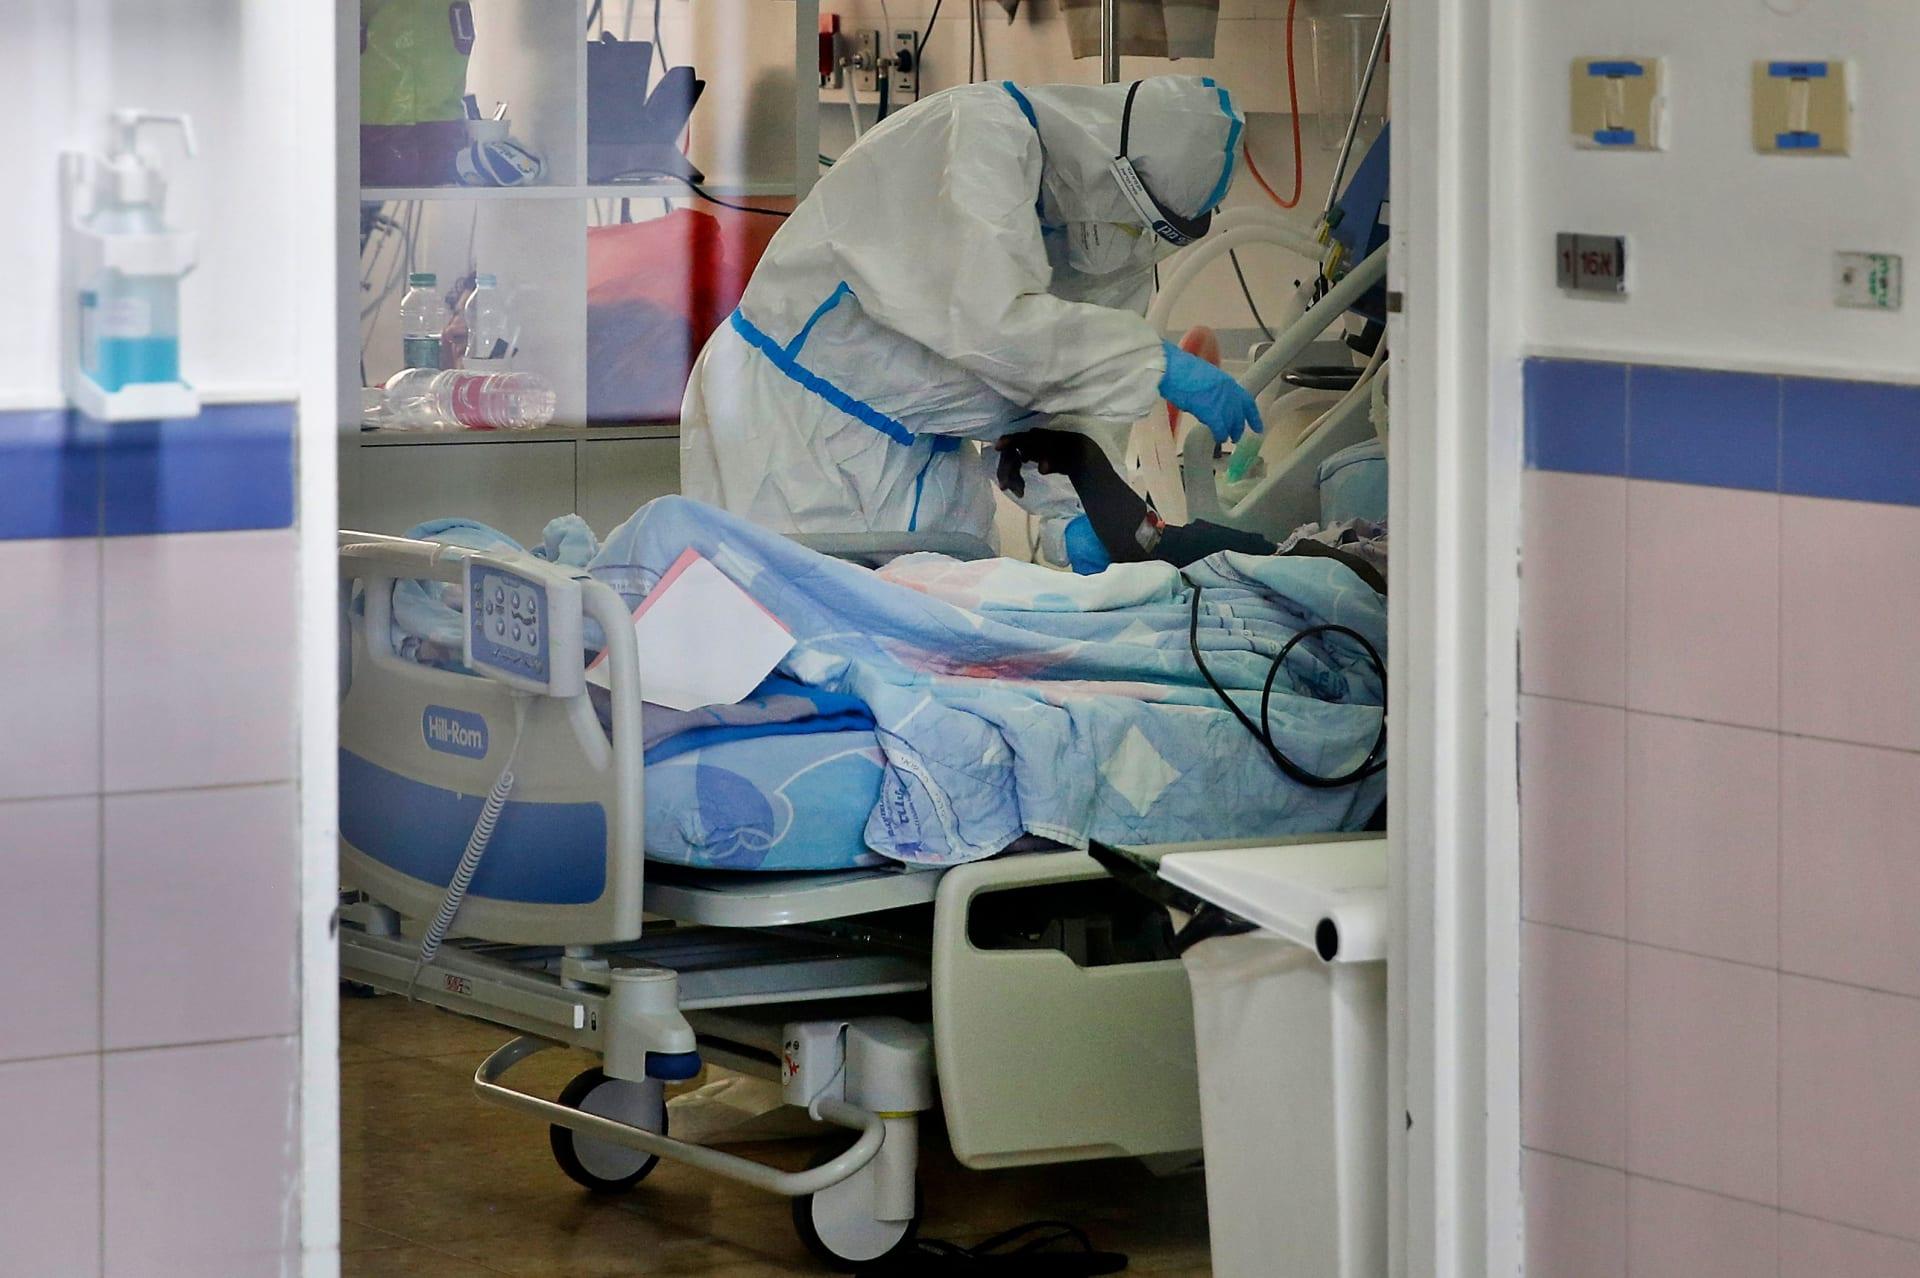 إسرائيل تسجل رقم قياسي جديد بعد تشخيص6861 إصابة جديدة بفيروس كورونا